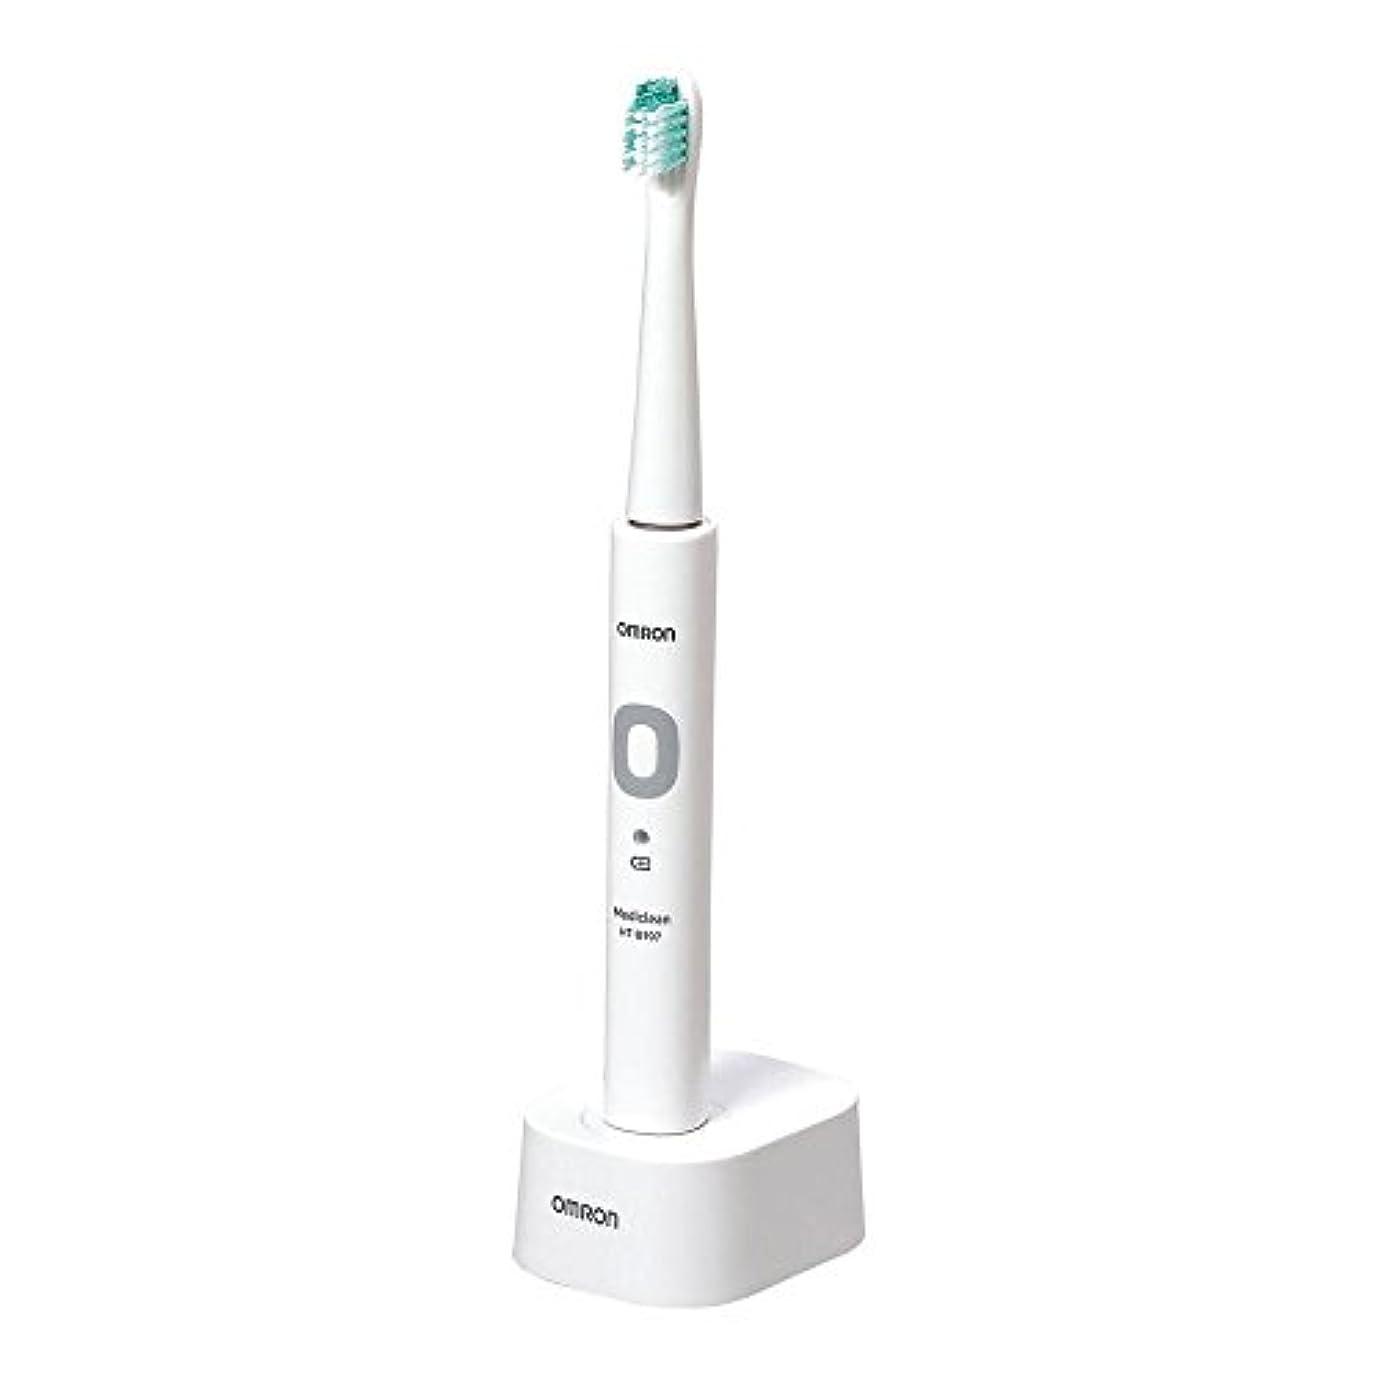 リネンテンポ証明するオムロン 電動歯ブラシ 音波式 メディクリーン